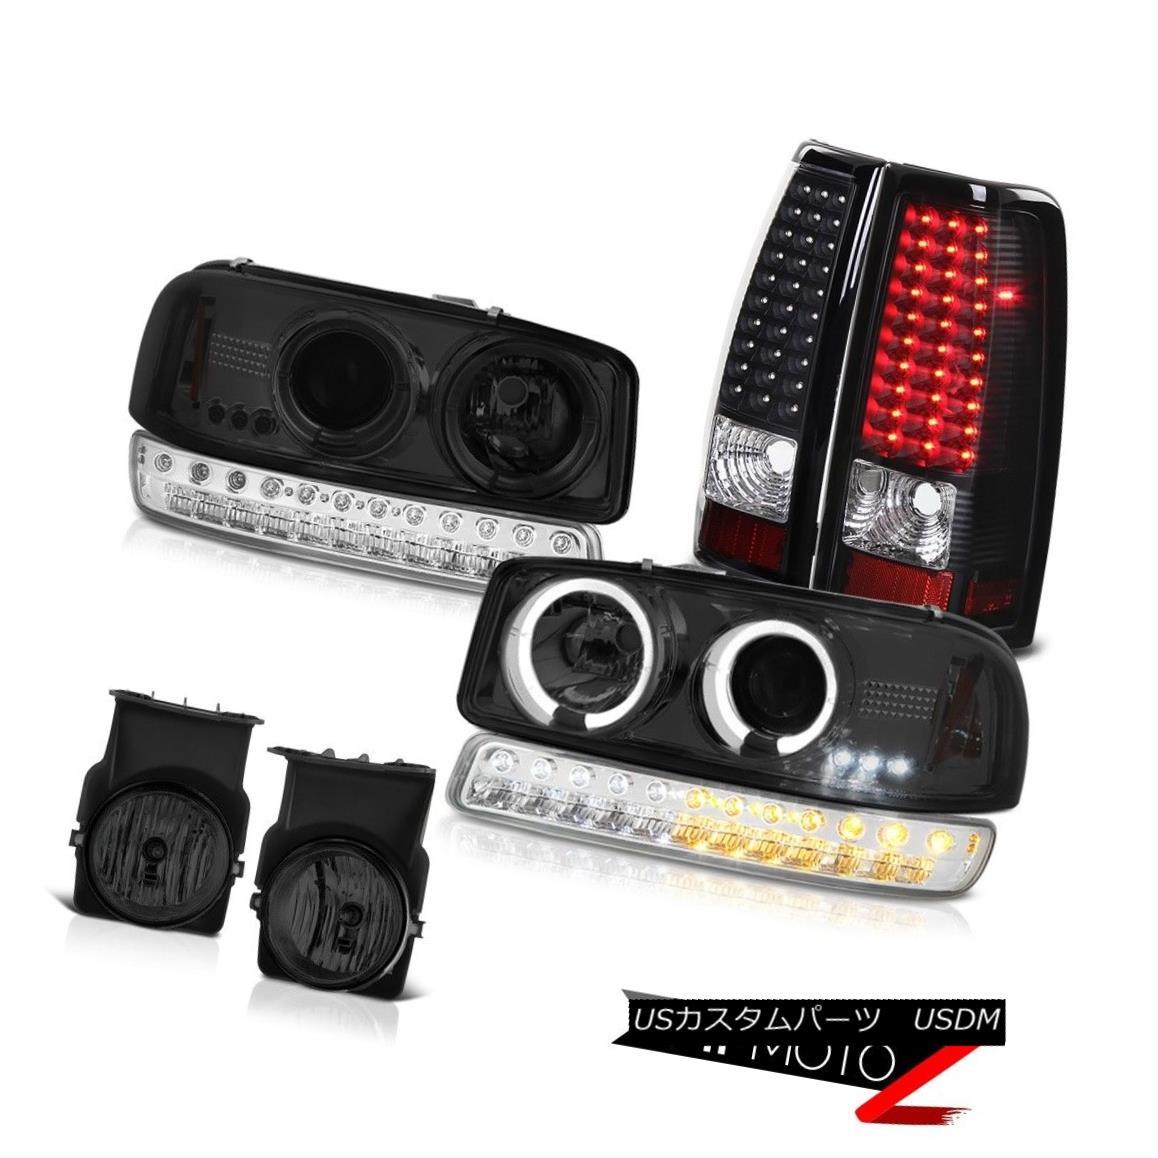 テールライト 2003-2006 Sierra WT Foglamps LED Tail Lamps Clear Chrome Parking Lamp Headlights 2003-2006 Sierra WT Foglamps LEDテールランプクリアクロームパーキングランプヘッドライト